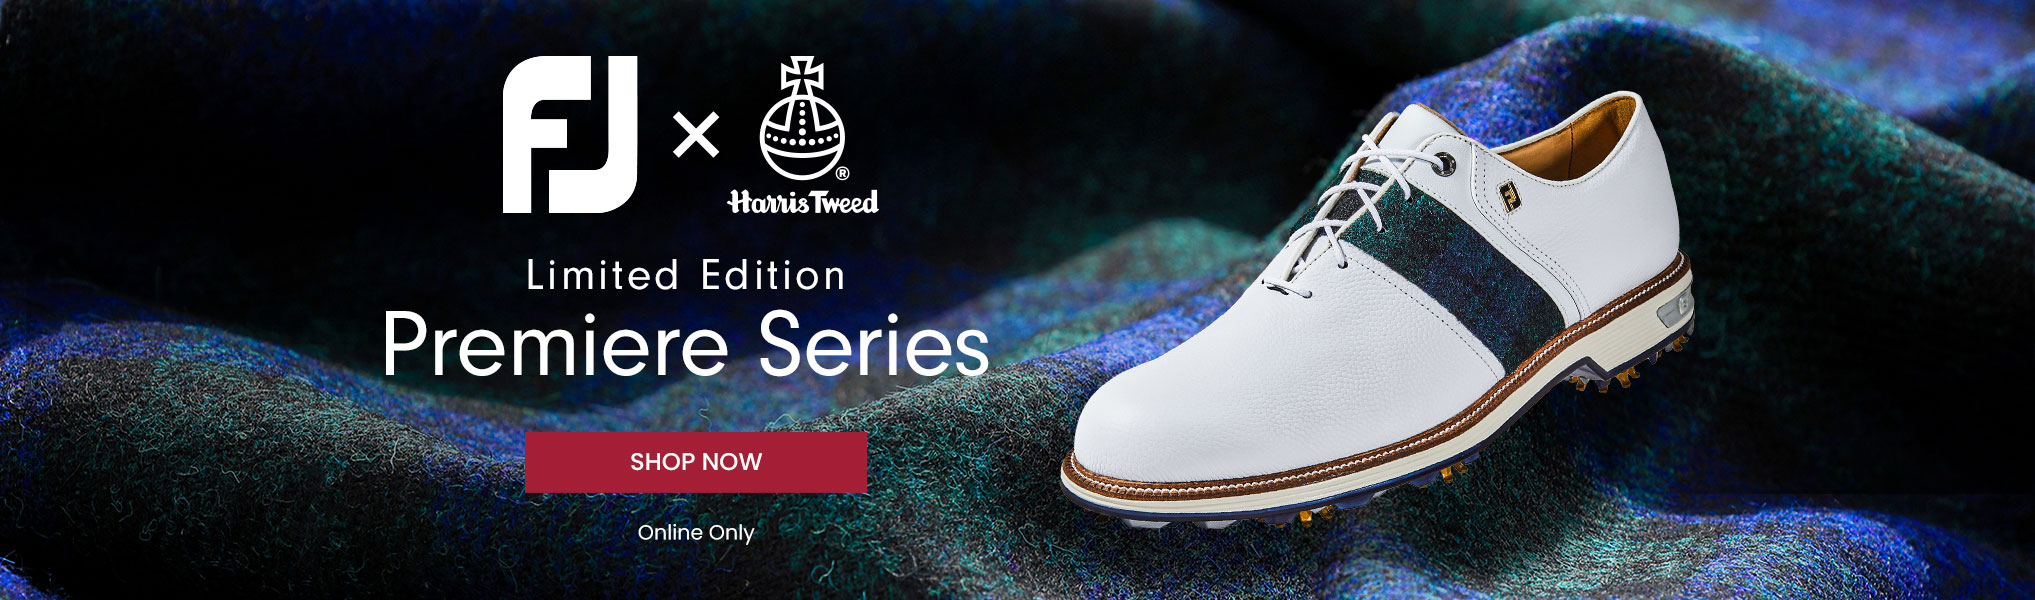 Footjoy Limited Edition Harris Tweed Black Watch Packard